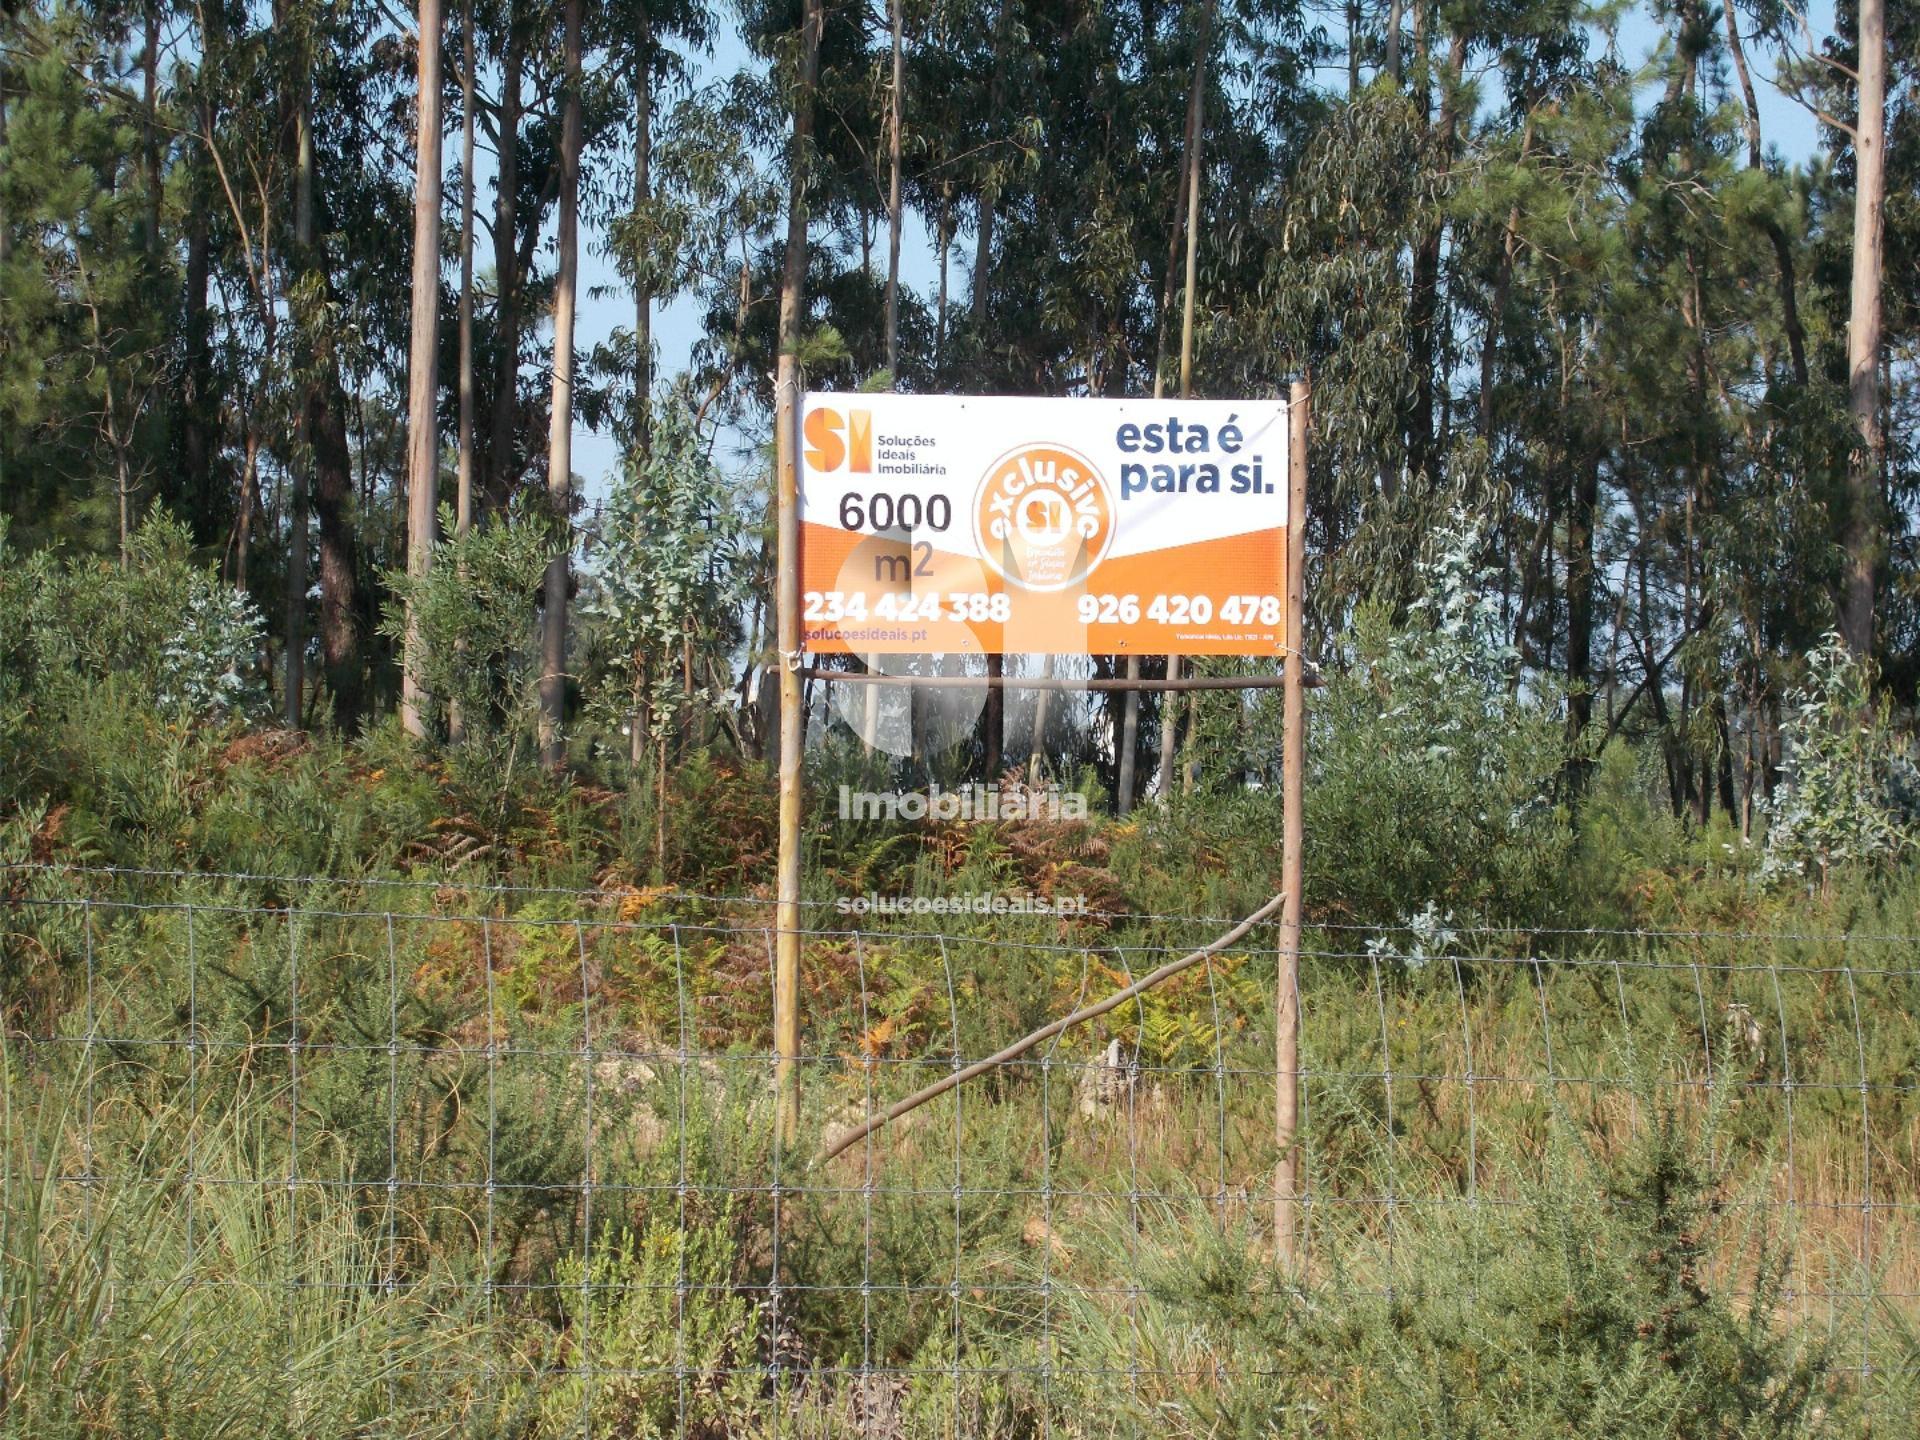 terreno para compra em ilhavo ilhavo sao salvador aveiro AVGDG1569